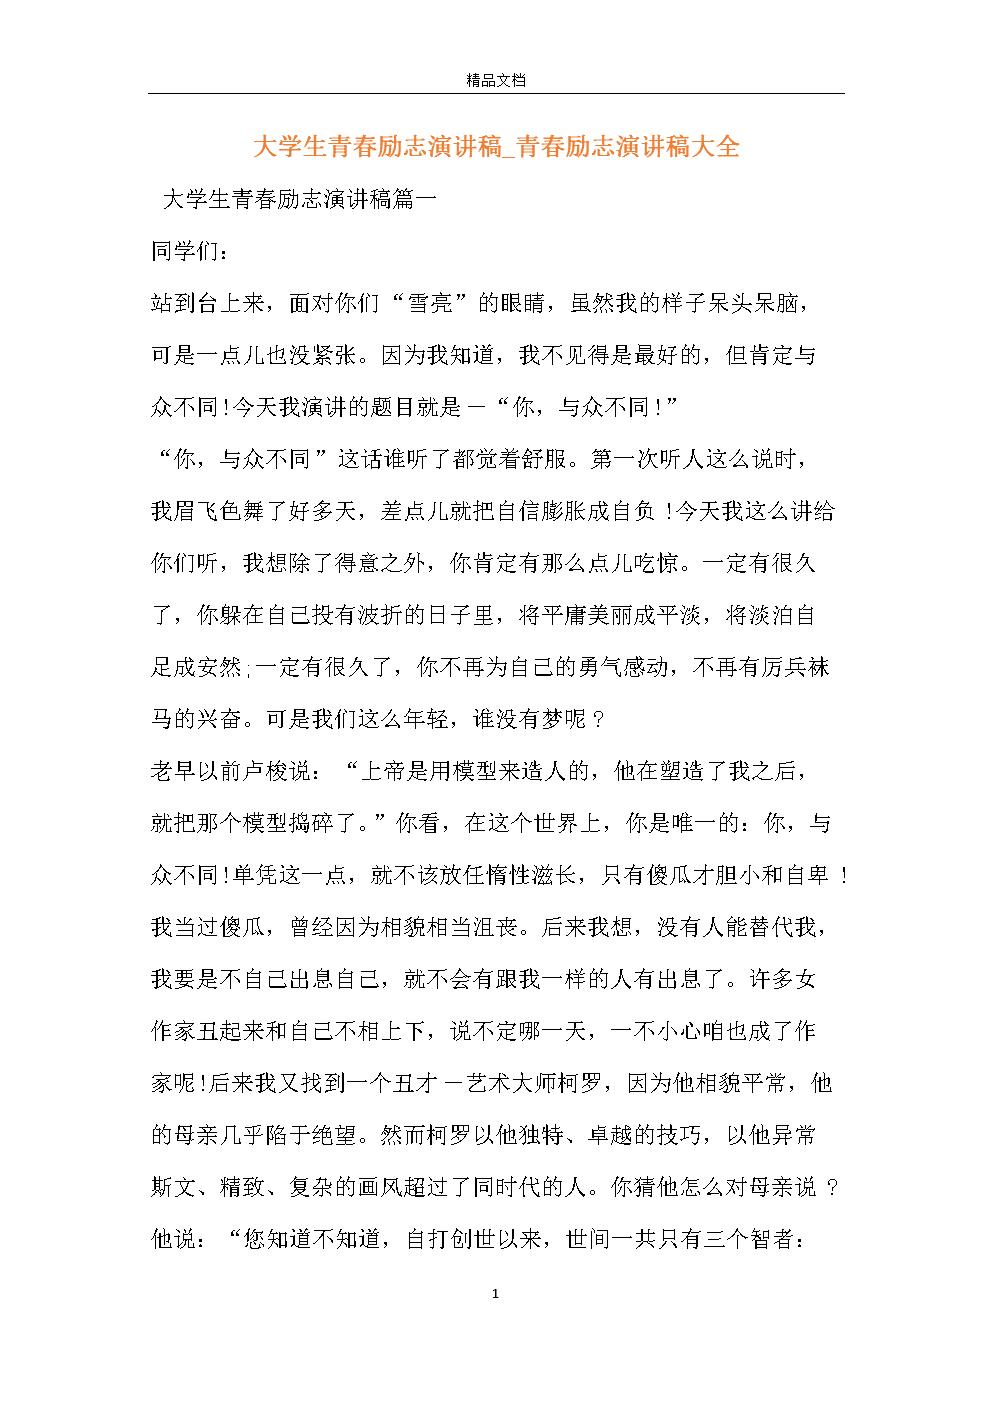 大学生青春励志演讲稿_青春励志演讲稿大全.docx